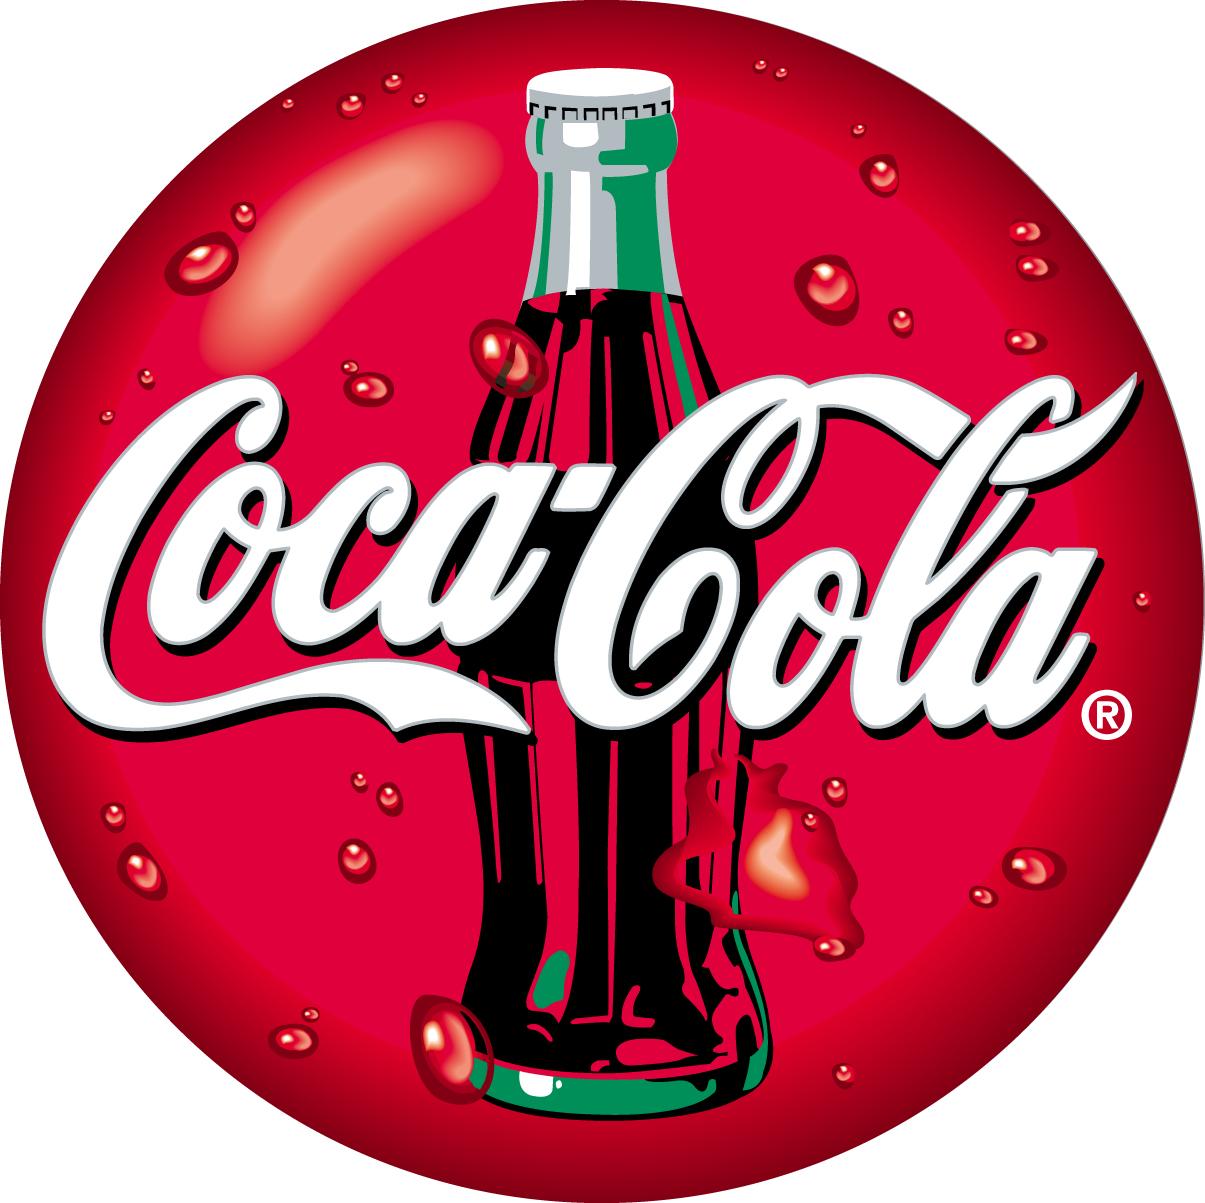 Coca-Cola | Peanuts Wiki | FANDOM powered by Wikia